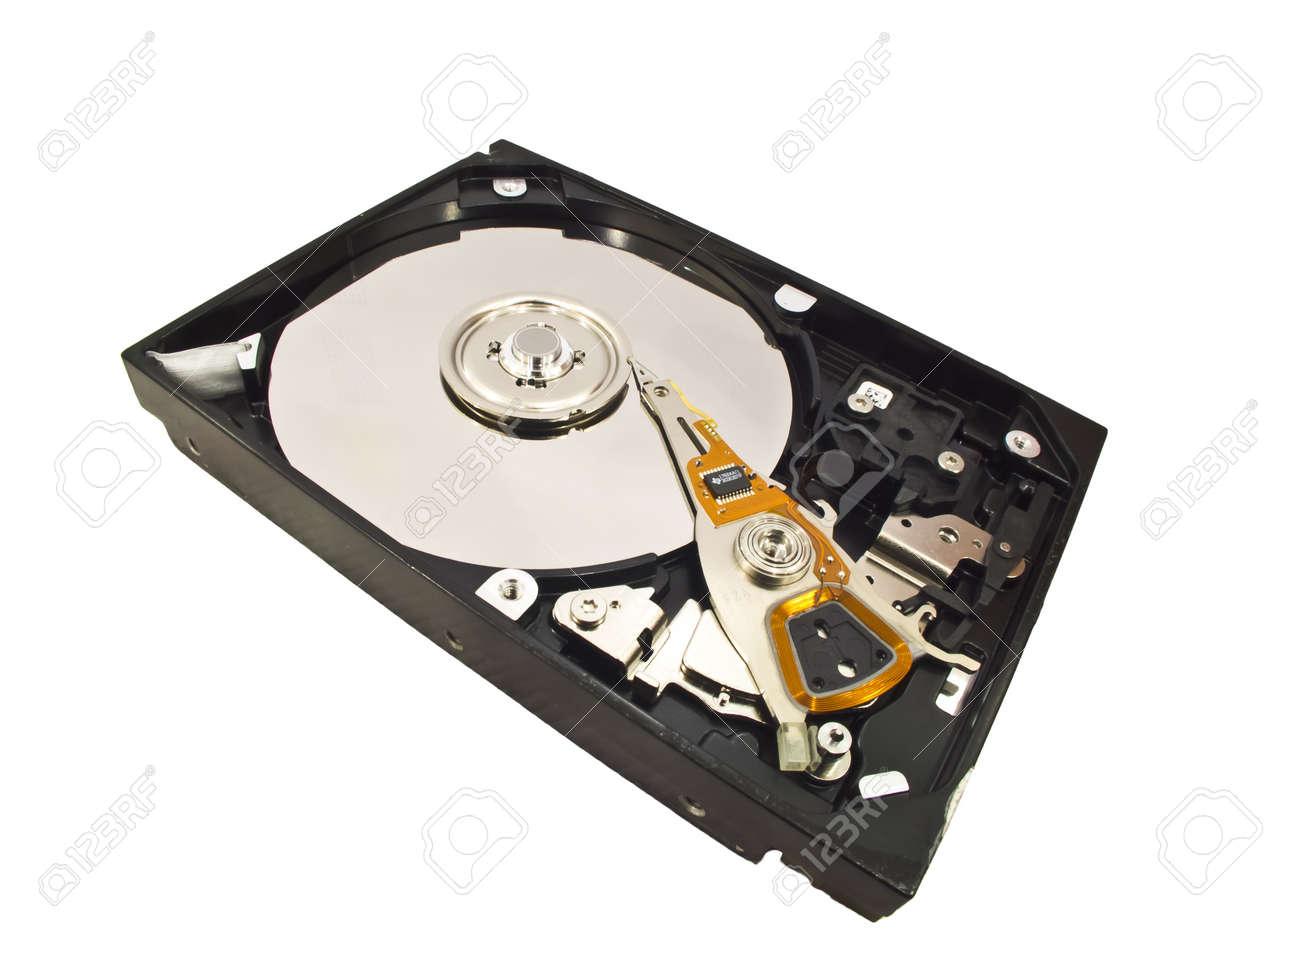 hard disk isolated on white background Stock Photo Stock Photo - 12613528